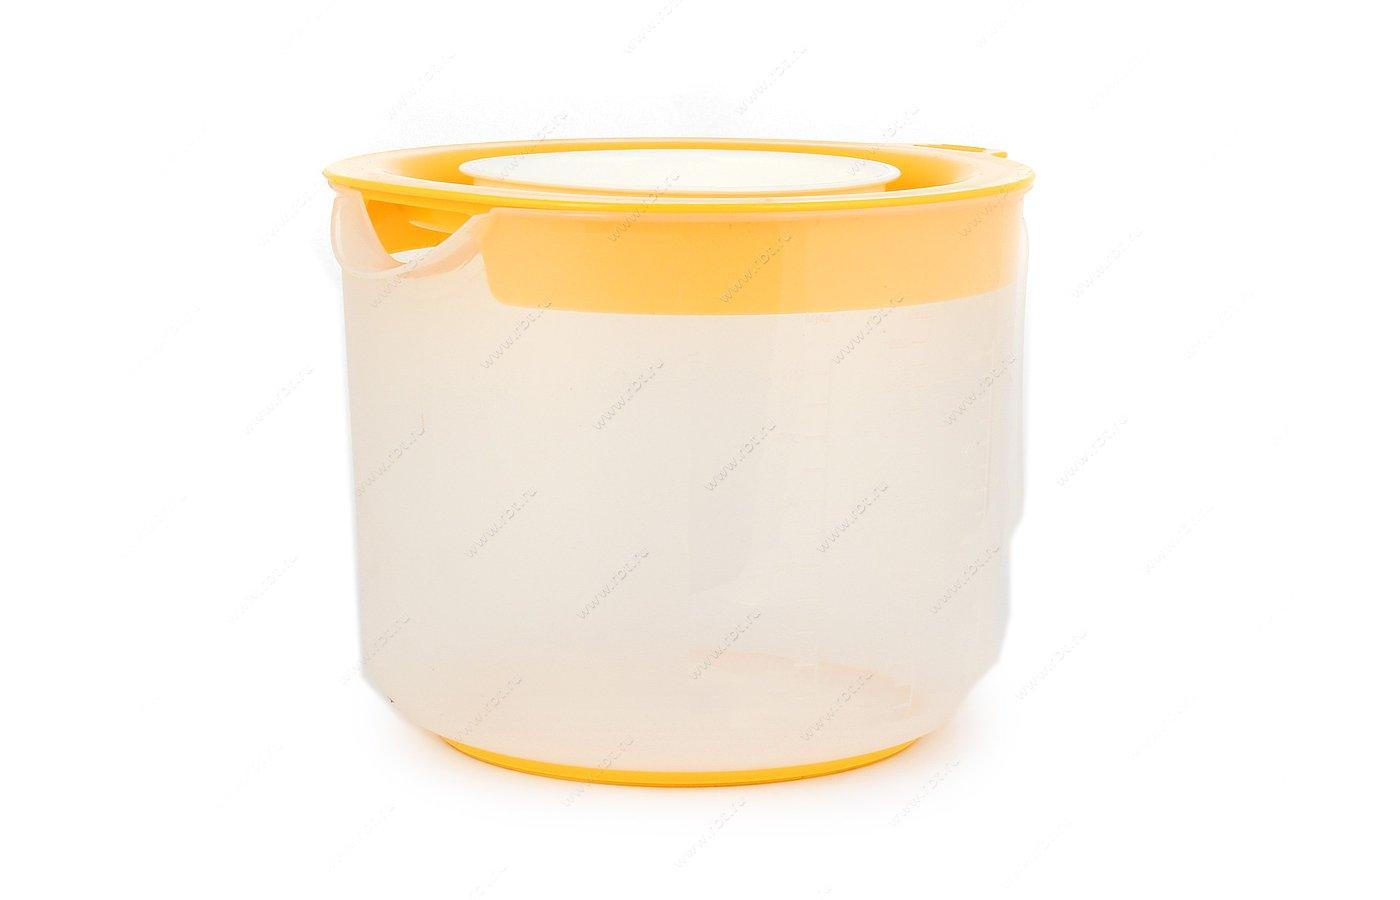 контейнеры для продуктов ПОЛИМЕРБЫТ 27114 Кружка/Ёмкость для миксера 2л 38100